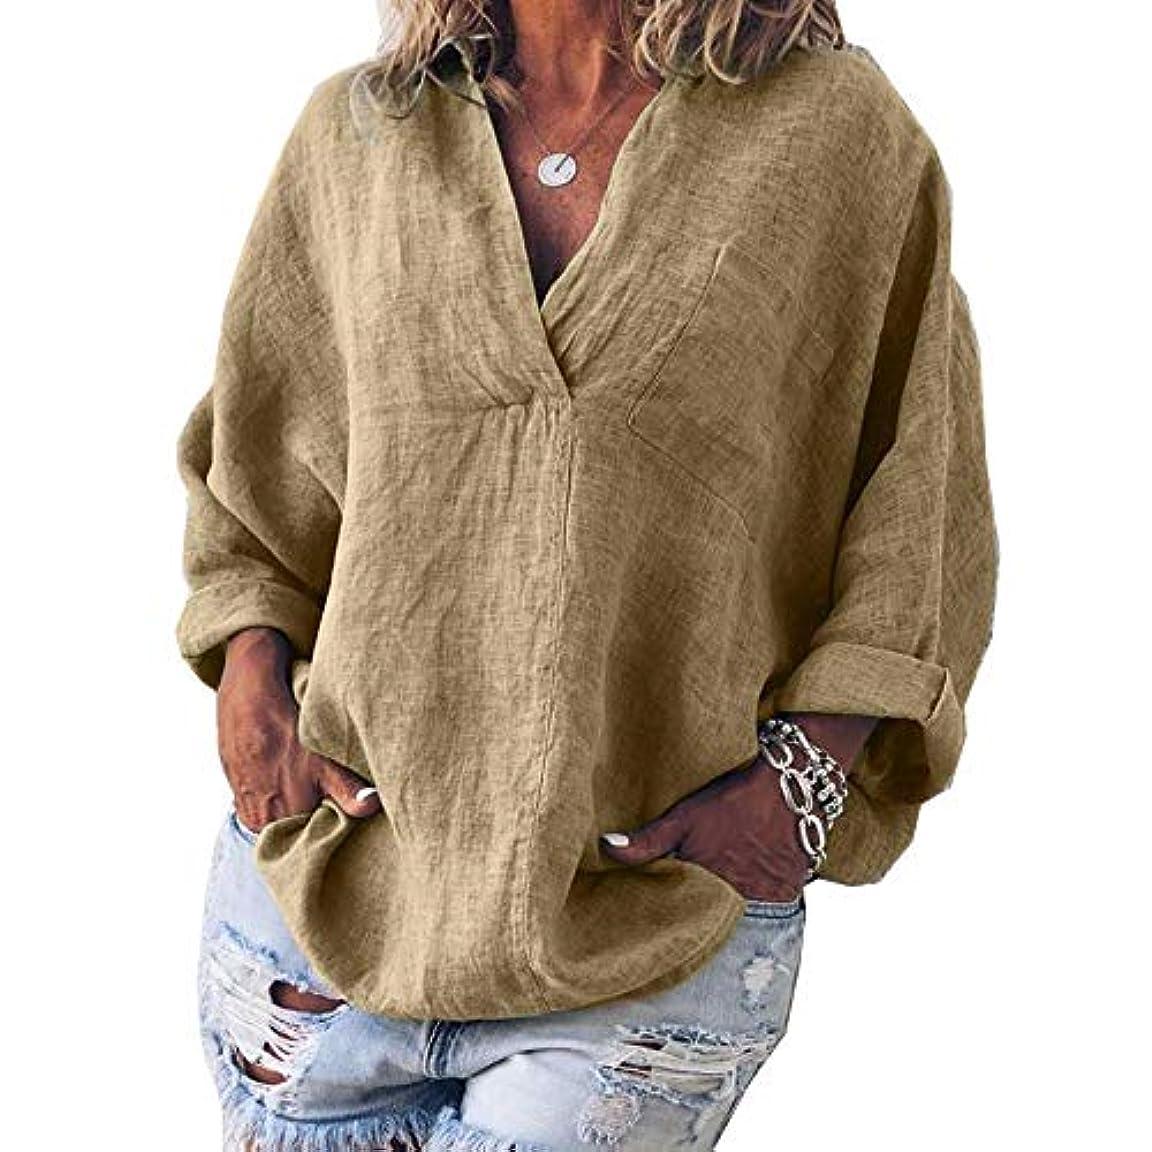 キャンパス上あいまいMIFAN女性ファッション春夏チュニックトップス深いVネックTシャツ長袖プルオーバールーズリネンブラウス